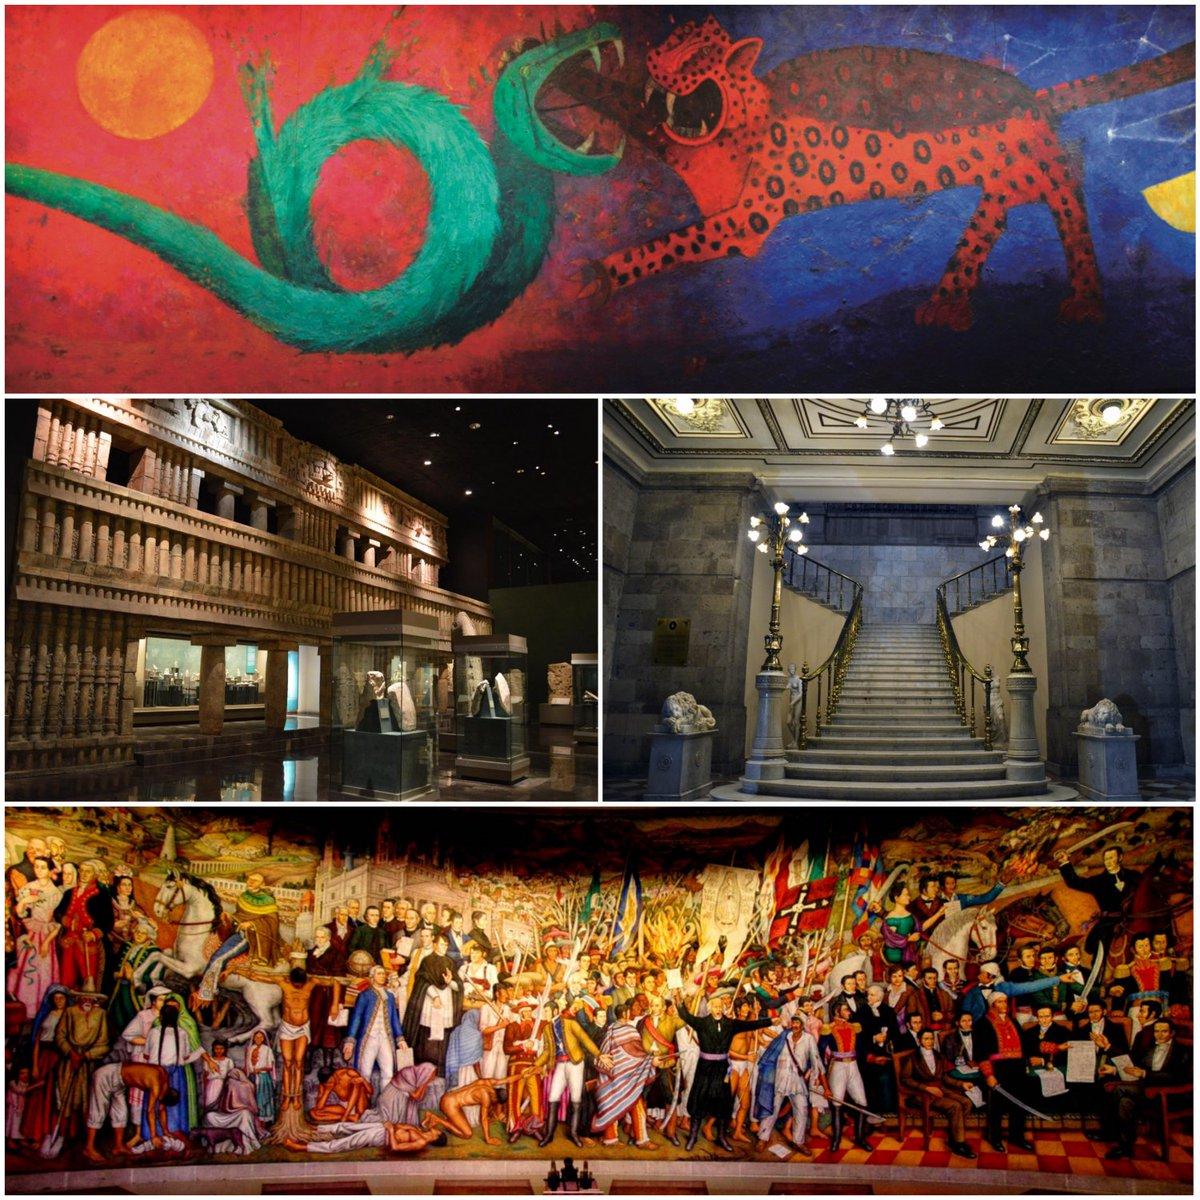 Corre a tu museo más cercano y aprovecha el #DomingoDeMuseos, @Conaculta @BellasArtesINBA e INAH con #entradaLibre https://t.co/tOr0CCPfKd